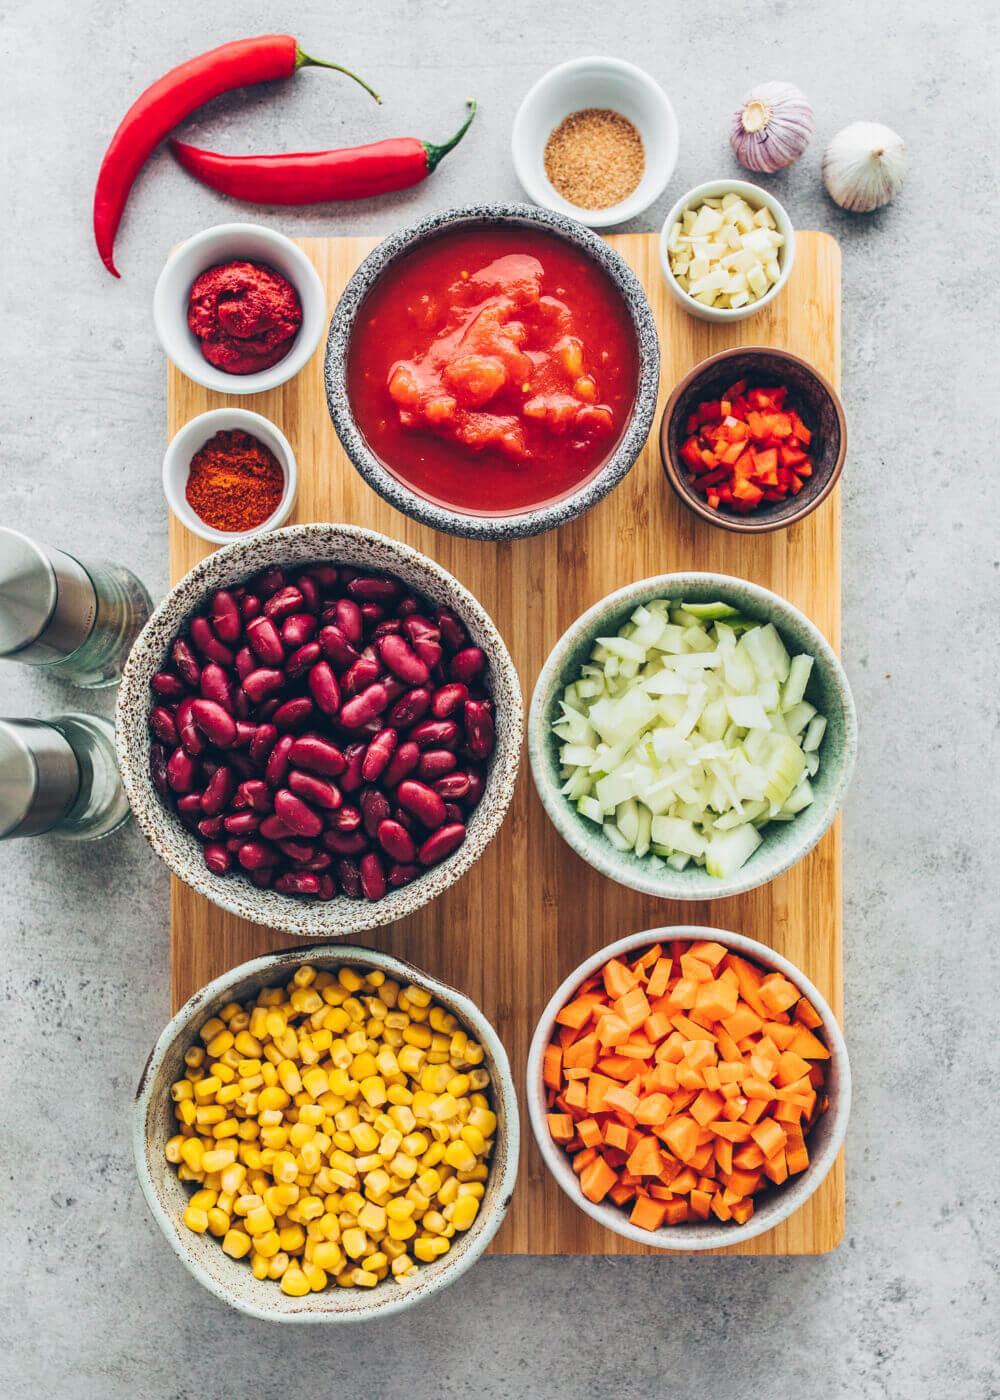 Zutaten für Chili sin Carne - Bohnen, Mais, Karotten, Zwiebeln, Knoblauch, Tomaten, Mais, Gewürze